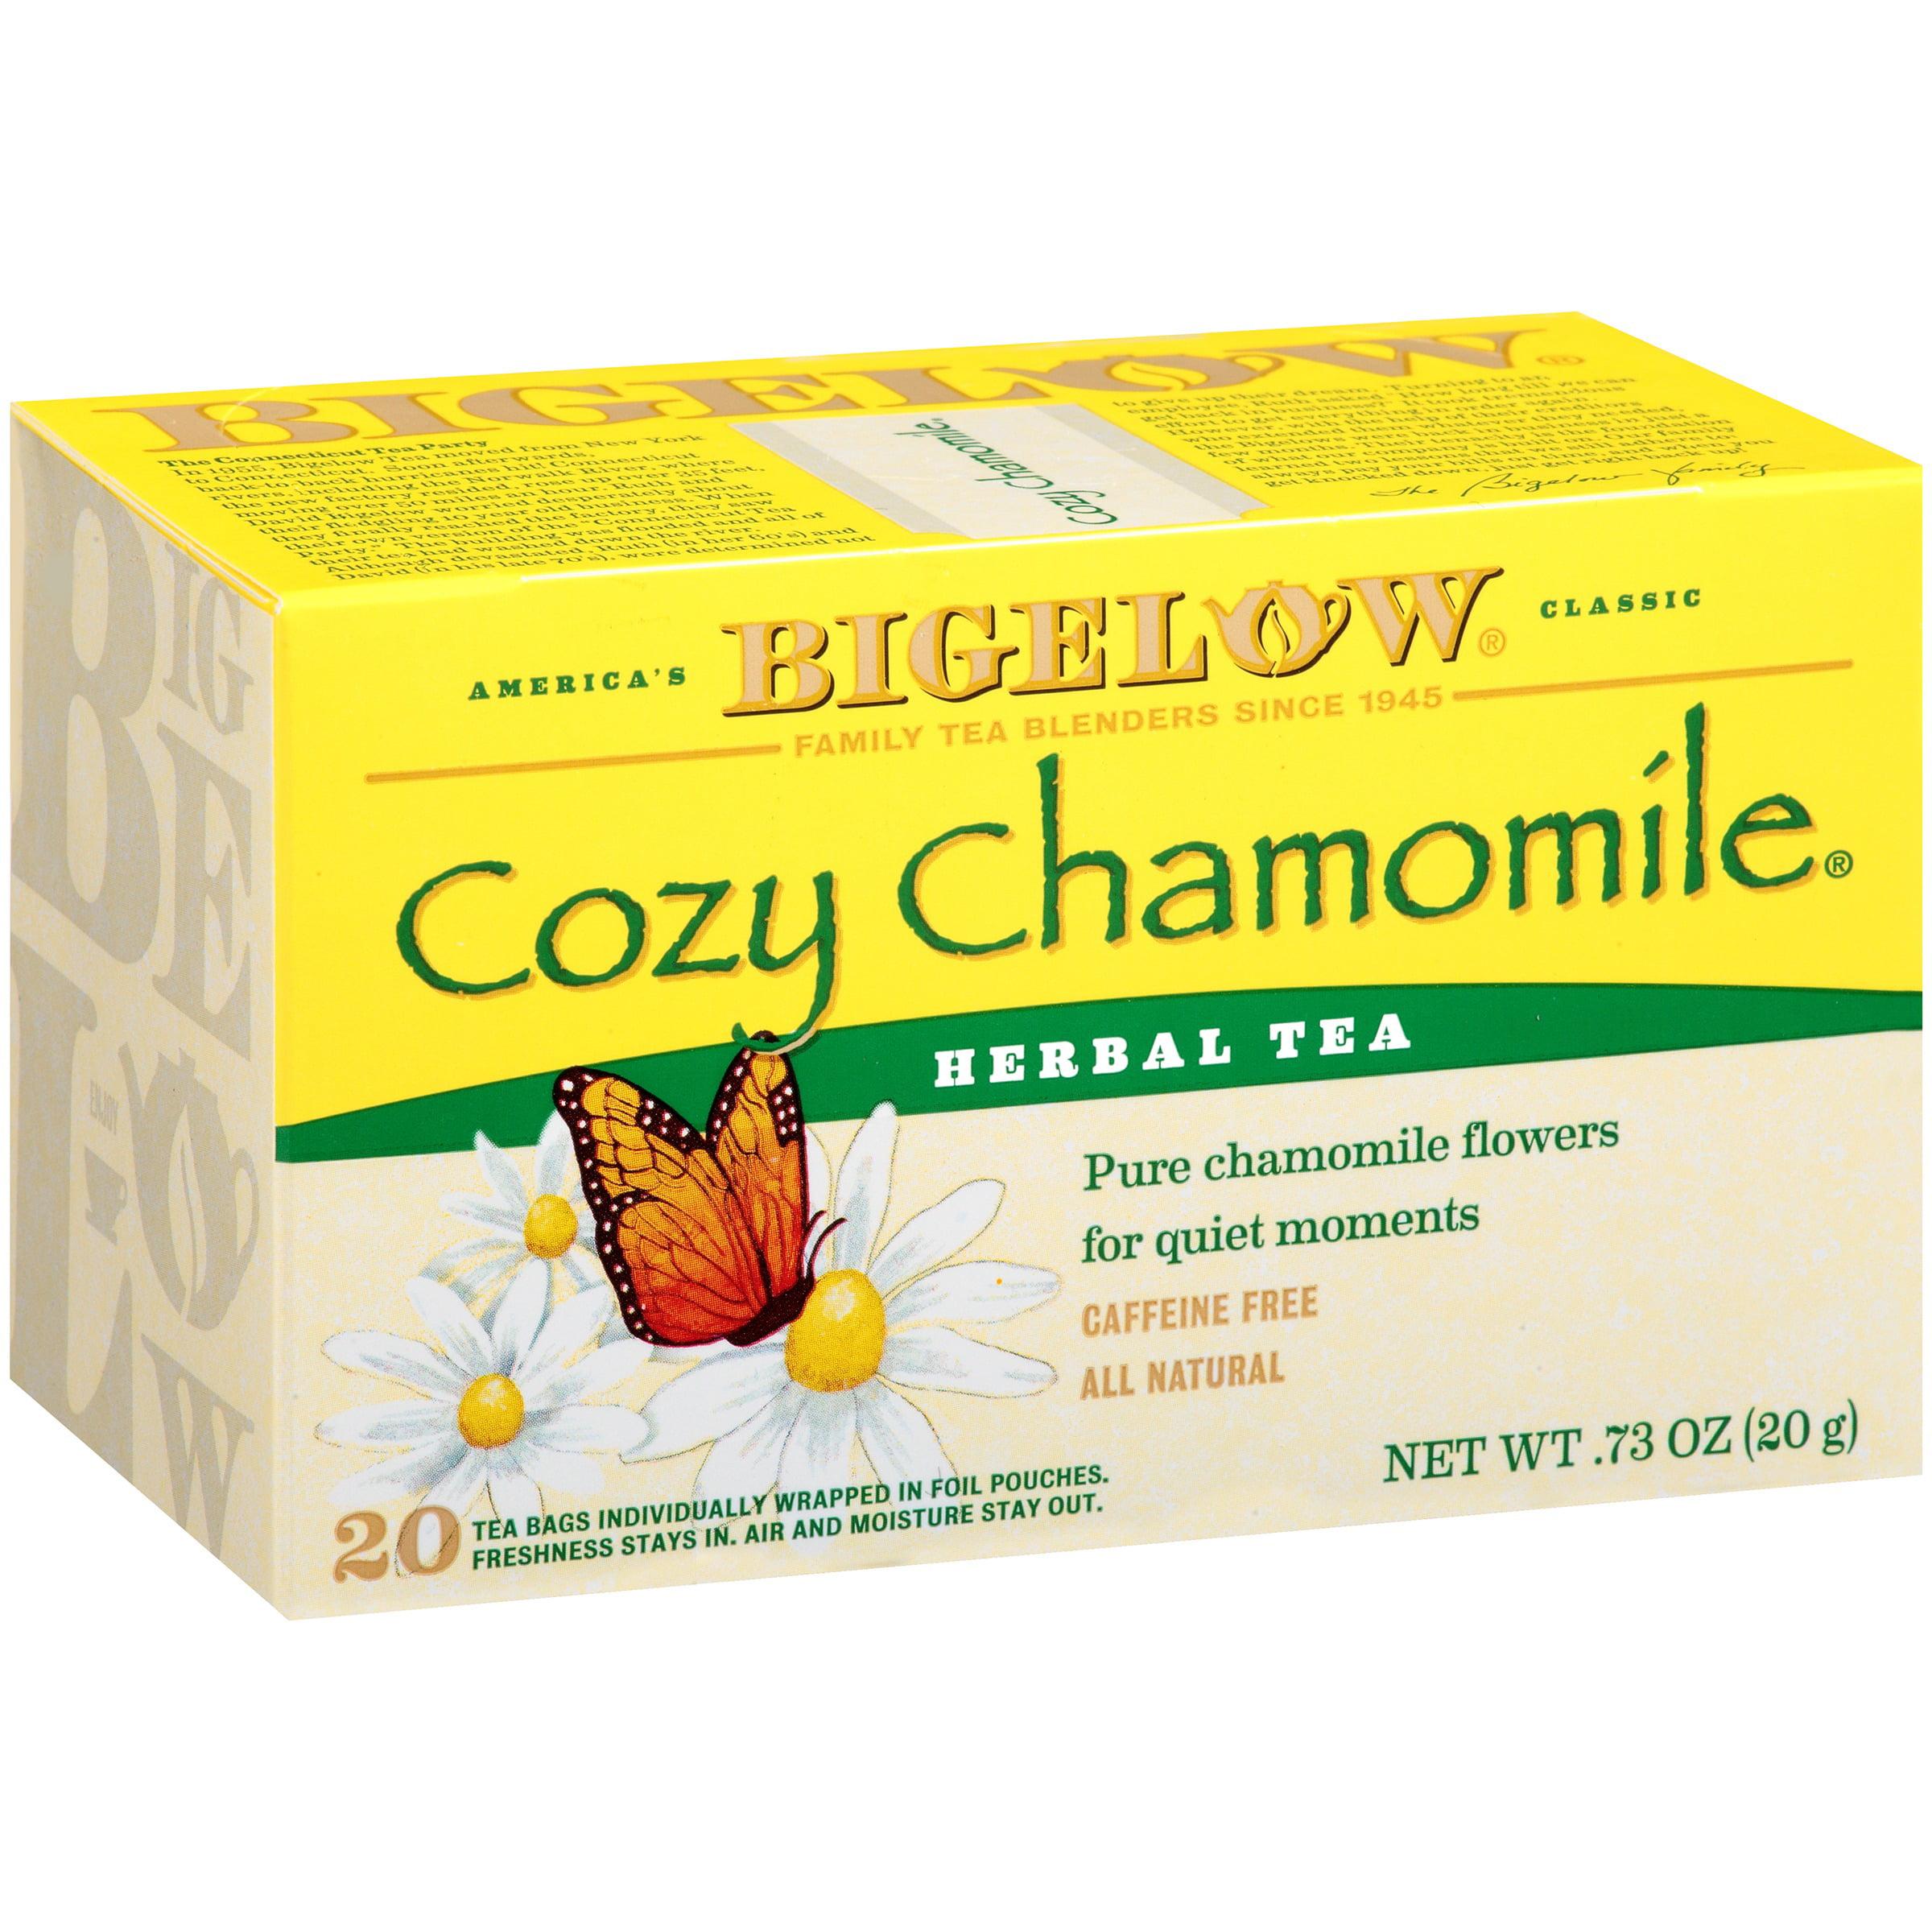 Bigelow Herbal Tea Bags Cozy Chamomile 20 CT by R.C. Bigelow, Inc.